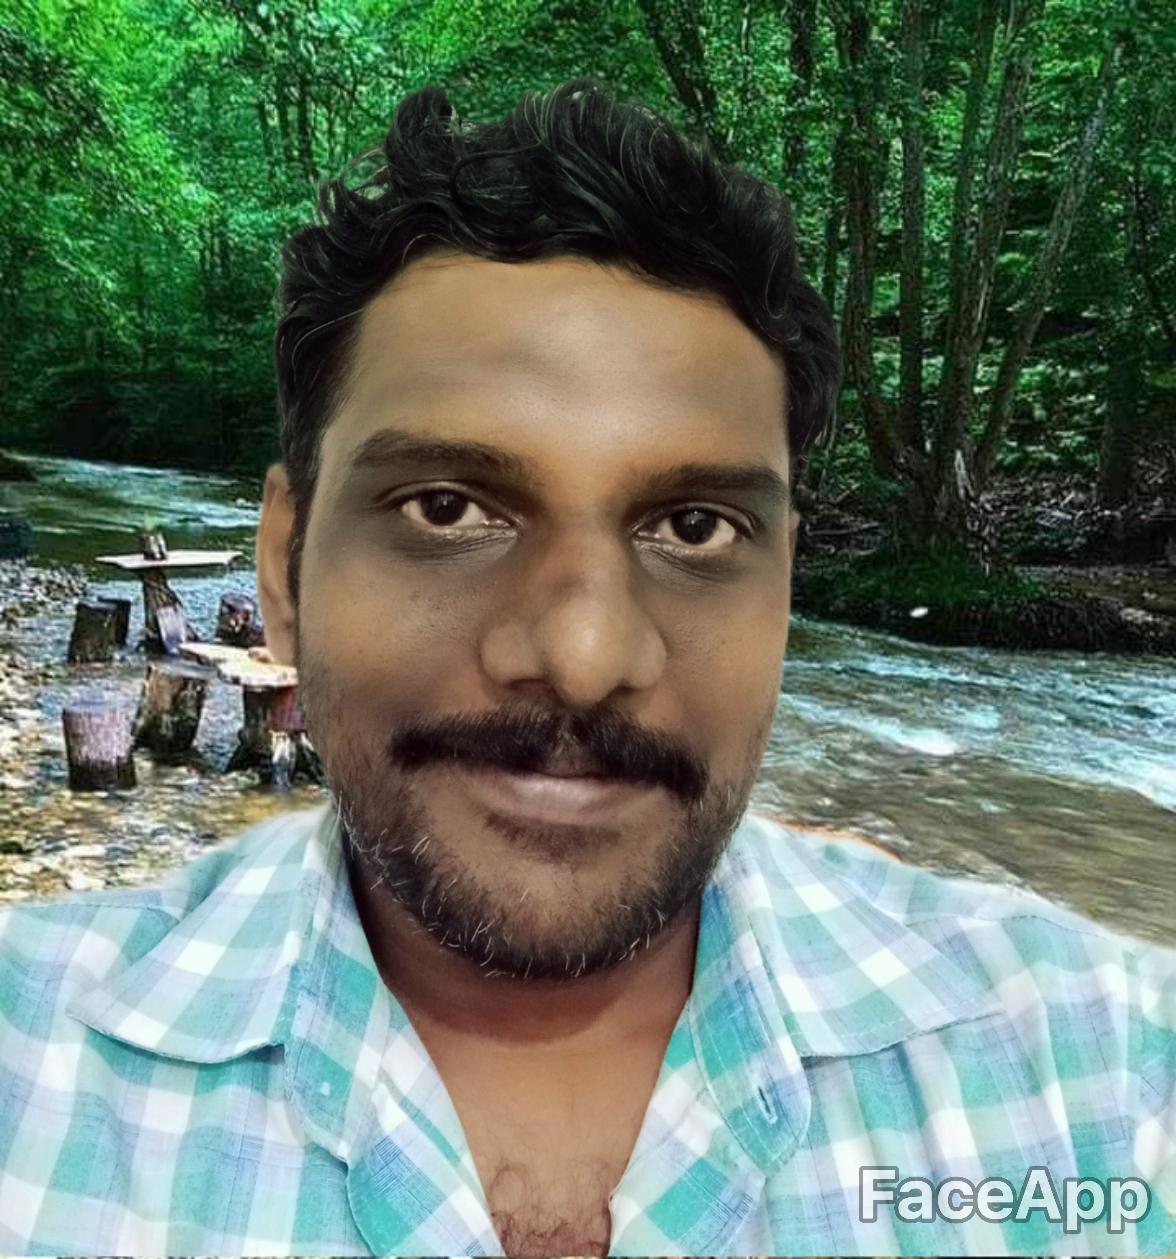 FaceApp_1564343686620.jpg